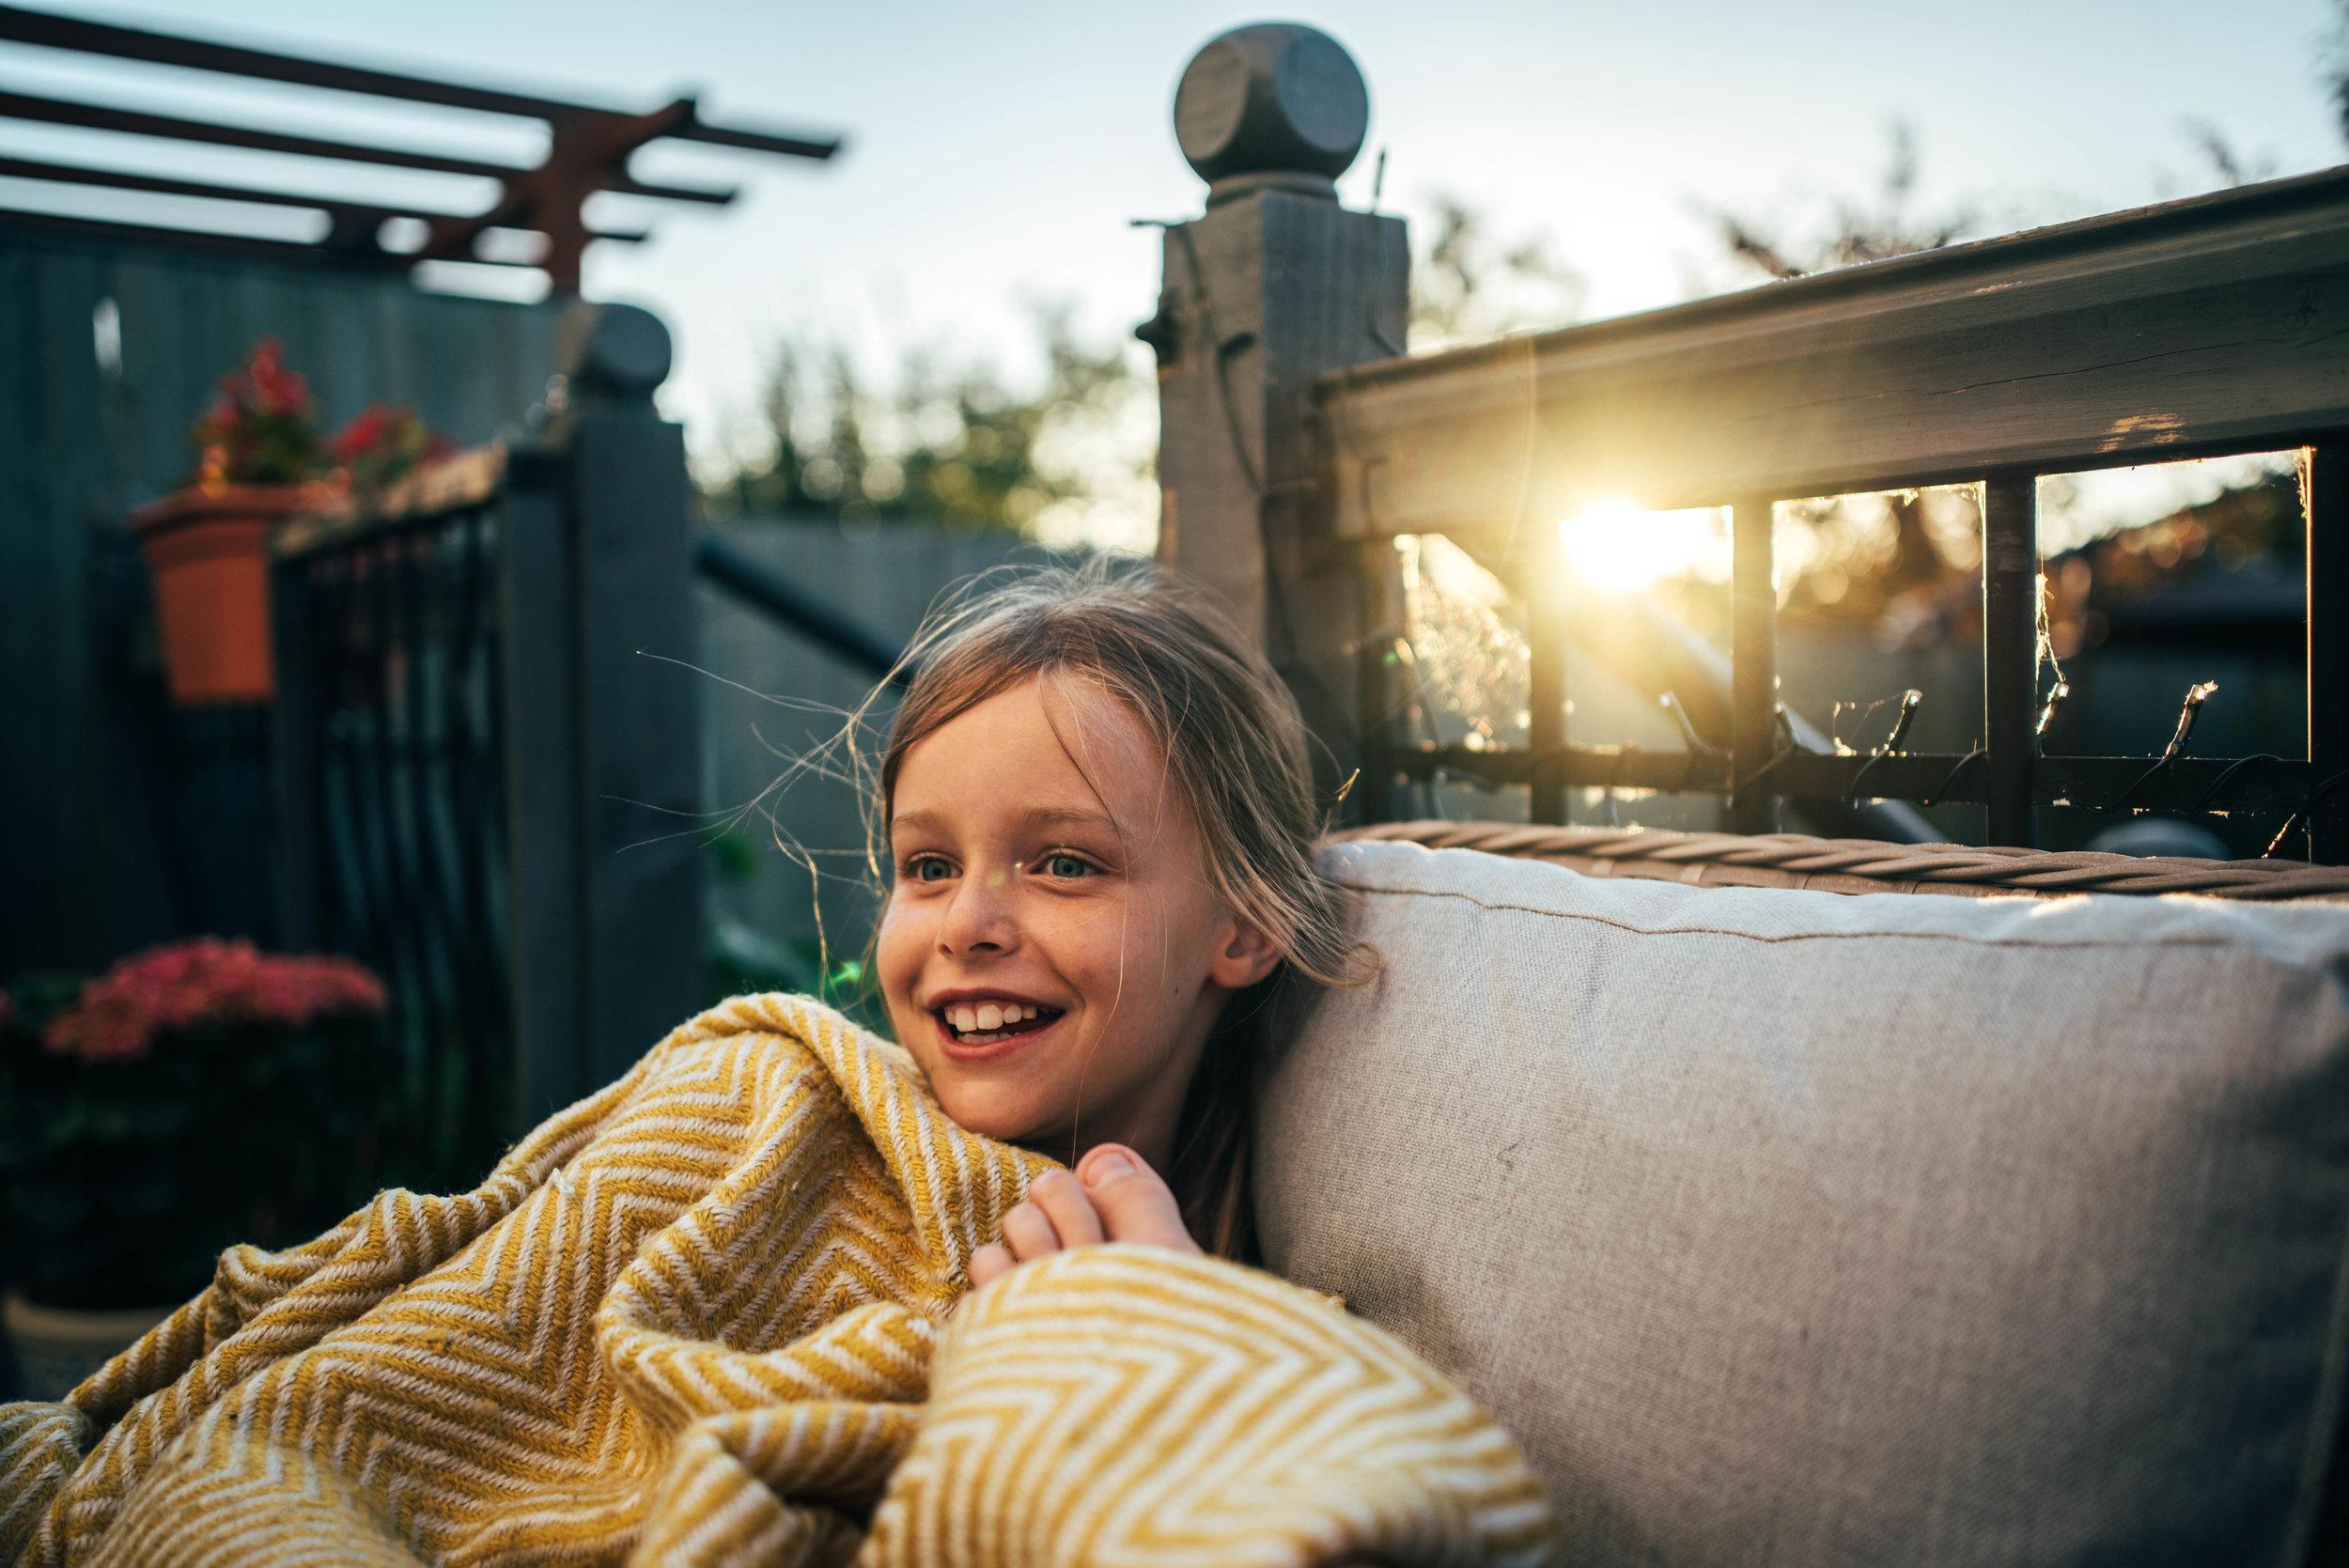 Girl under blanket at sunset